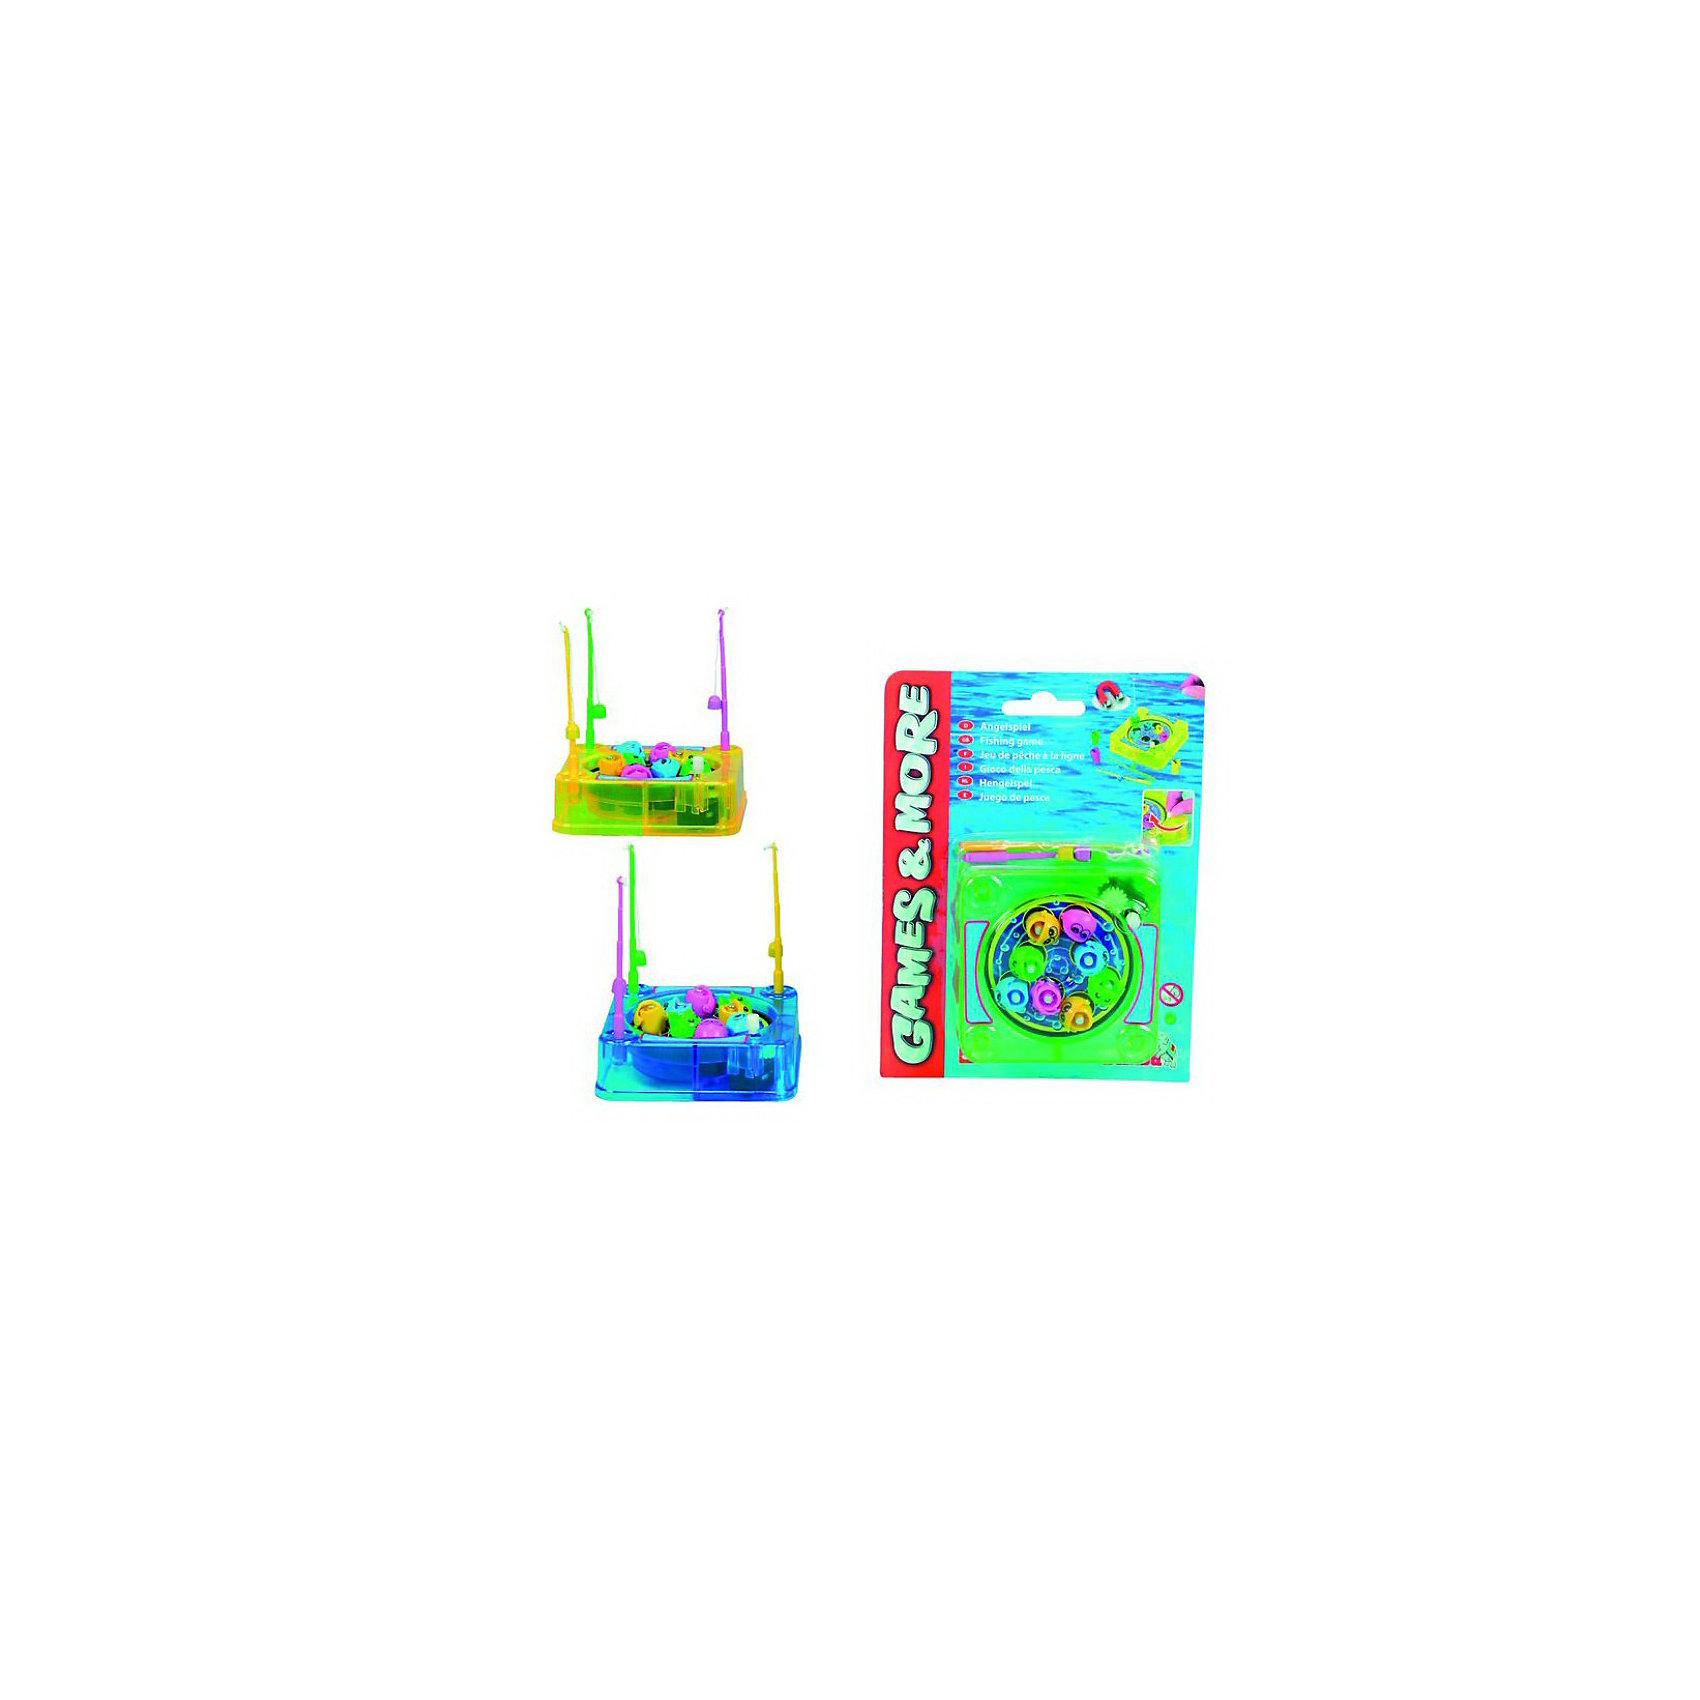 Игра Рыболов, SimbaИгры для развлечений<br>Классическая и любимая всеми детьми игра в рыбалку. Цель игры - выловить с помощью удочки всех рыбок из бассейна. В игре могут участвовать три игрока по количеству удочек. Удочки и рыбки снабжены магнитами. Специальный механизм заставляет рыбок быстро двигаться по бассейну, их ротики открываются и закрываются. Чтобы поймать как можно больше разноцветных рыбок, нужны ловкость и  хорошая реакция. Отличная игра  для совместного времяпрепровождения с детьми . <br><br> Дополнительная информация: <br><br>-В комплекте :аквариум, 8 рыбок, 3 удочки.<br>-Материал: упрочненный пластик.<br>- Размер пруда: 9,5х9,5х3 см.<br>- Размер упаковки: 20 X 15 X 3 см.<br>- Вес: 85 гр.  <br><br>Игрушка развивает у детей ловкость и координацию движений. <br>Приобрести игру Simba Рыболов можно в нашем магазине<br><br>Ширина мм: 200<br>Глубина мм: 150<br>Высота мм: 30<br>Вес г: 89<br>Возраст от месяцев: 36<br>Возраст до месяцев: 2147483647<br>Пол: Унисекс<br>Возраст: Детский<br>SKU: 2261050